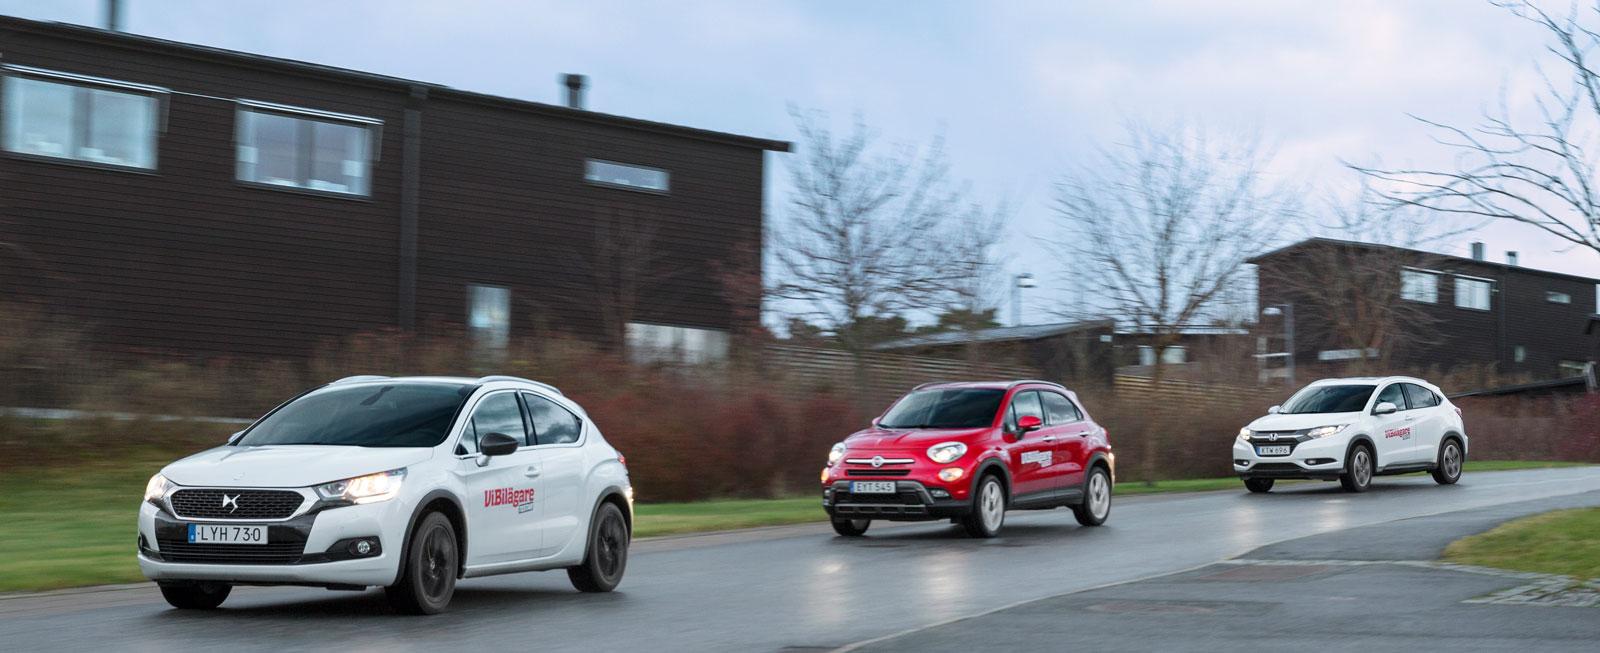 DS 4 baseras på Citroën C4, Fiat 500X på Jeep Renegade och Honda HR-V på Honda Jazz.